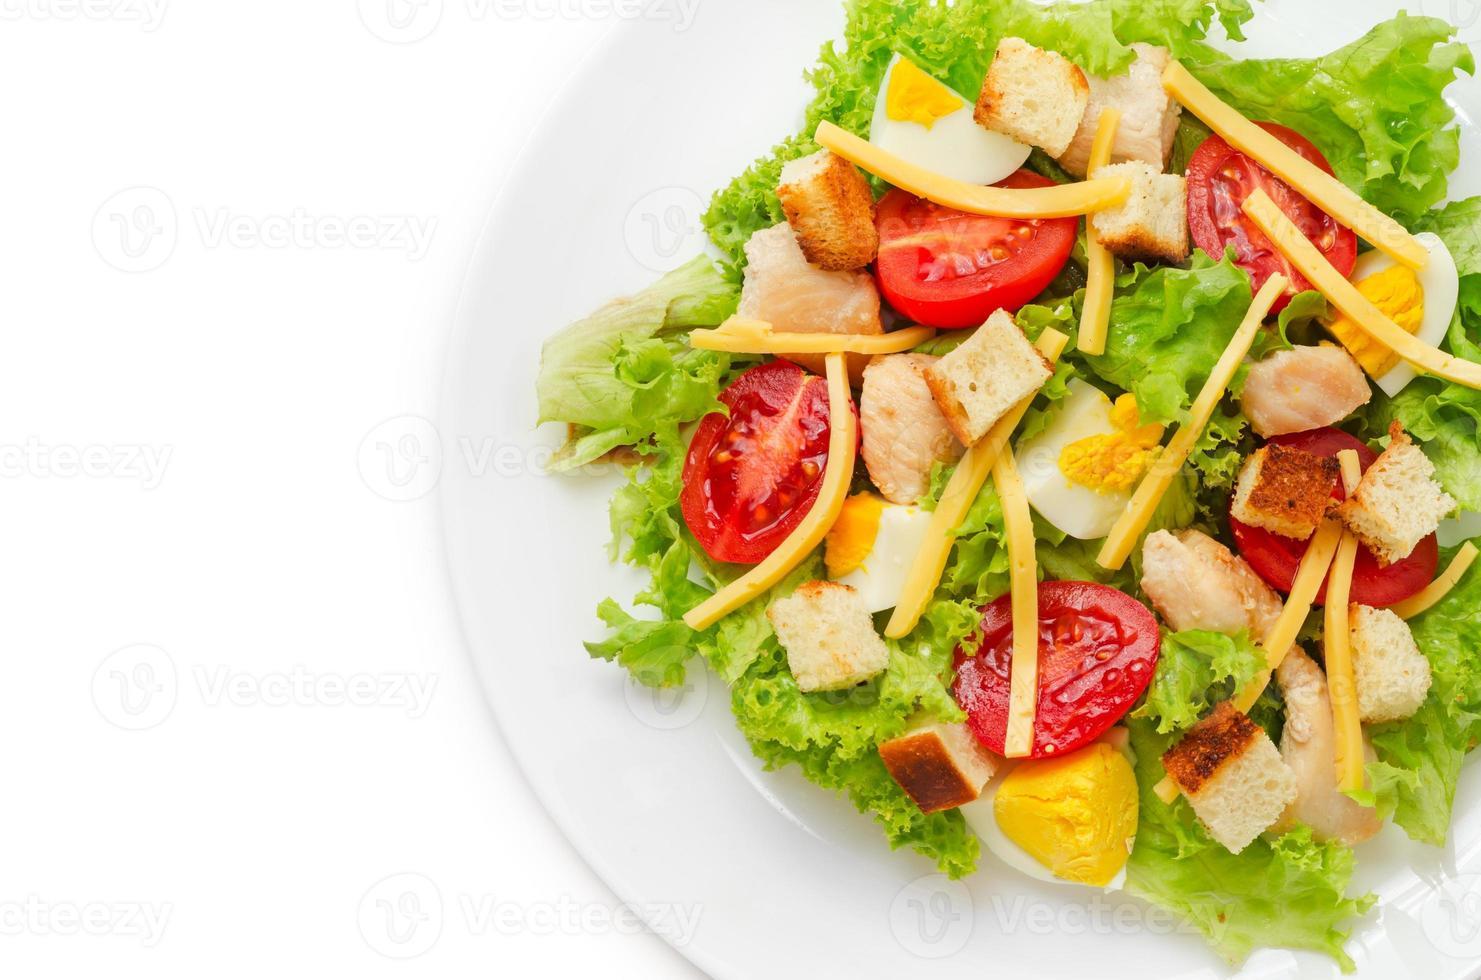 classica insalata di pollo caesar foto